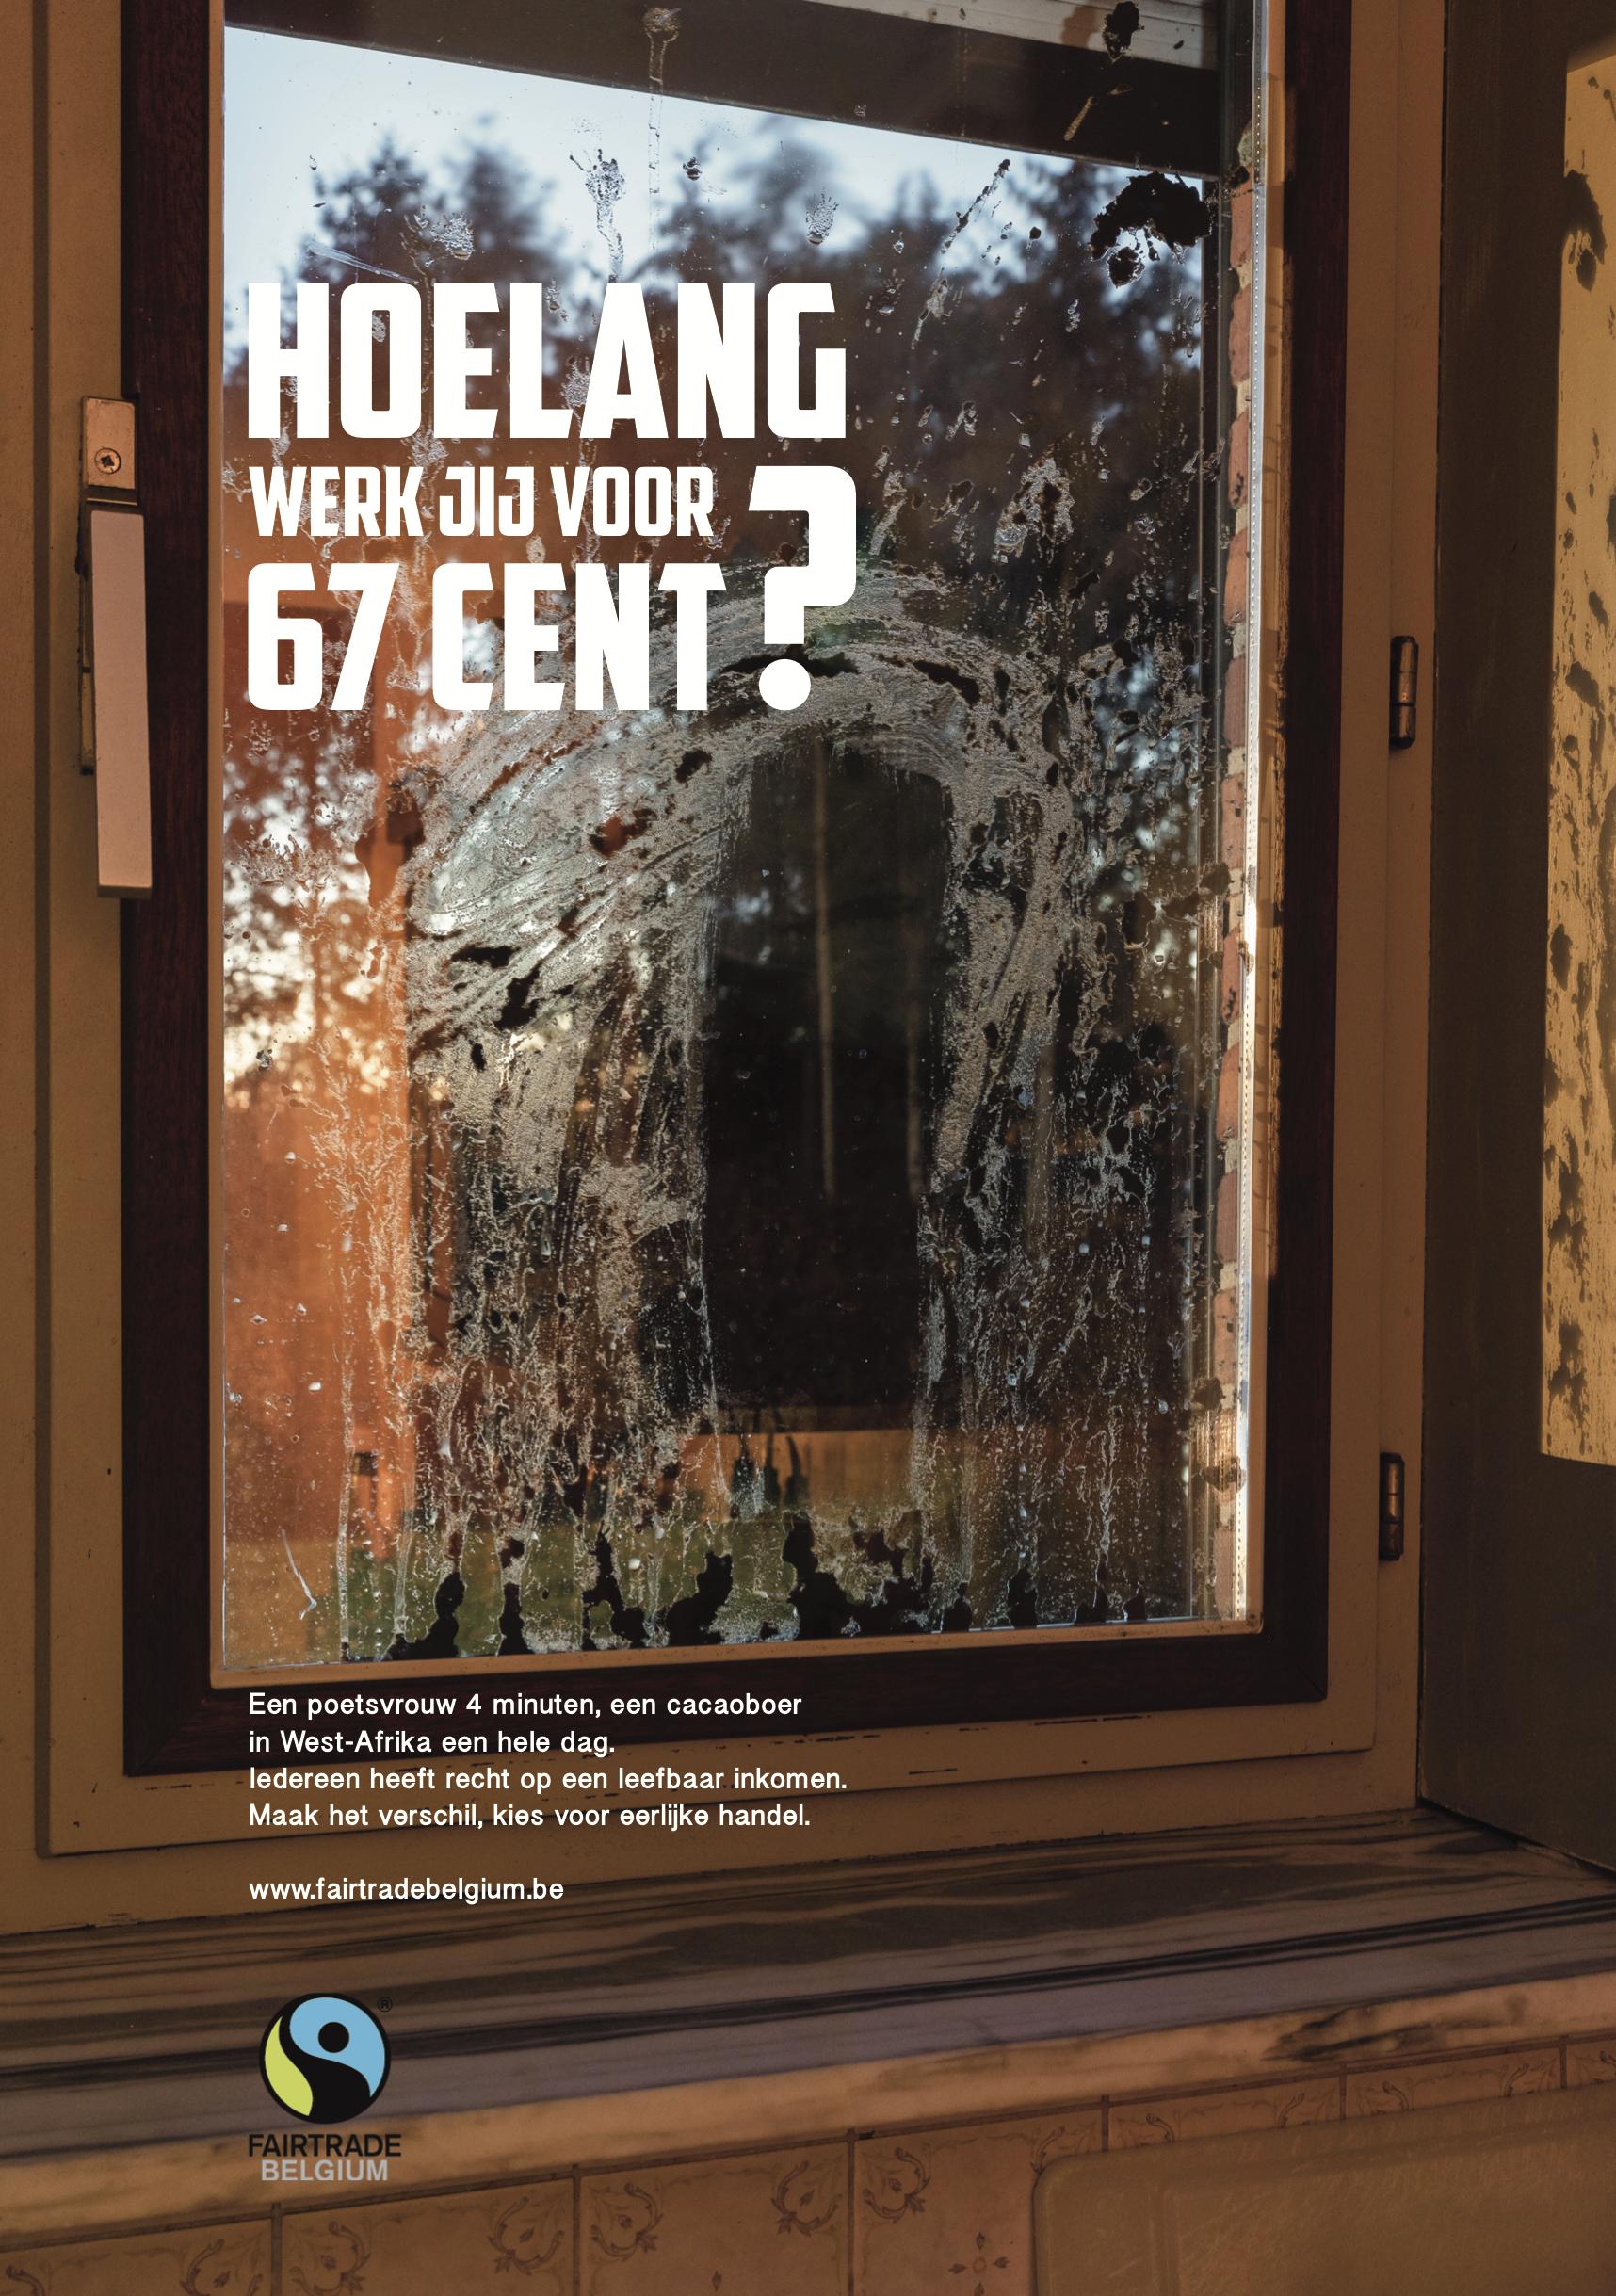 ©Alexis-Breugelmans-FairTrade-hoelang-werk-jij-voor-67-cent.png